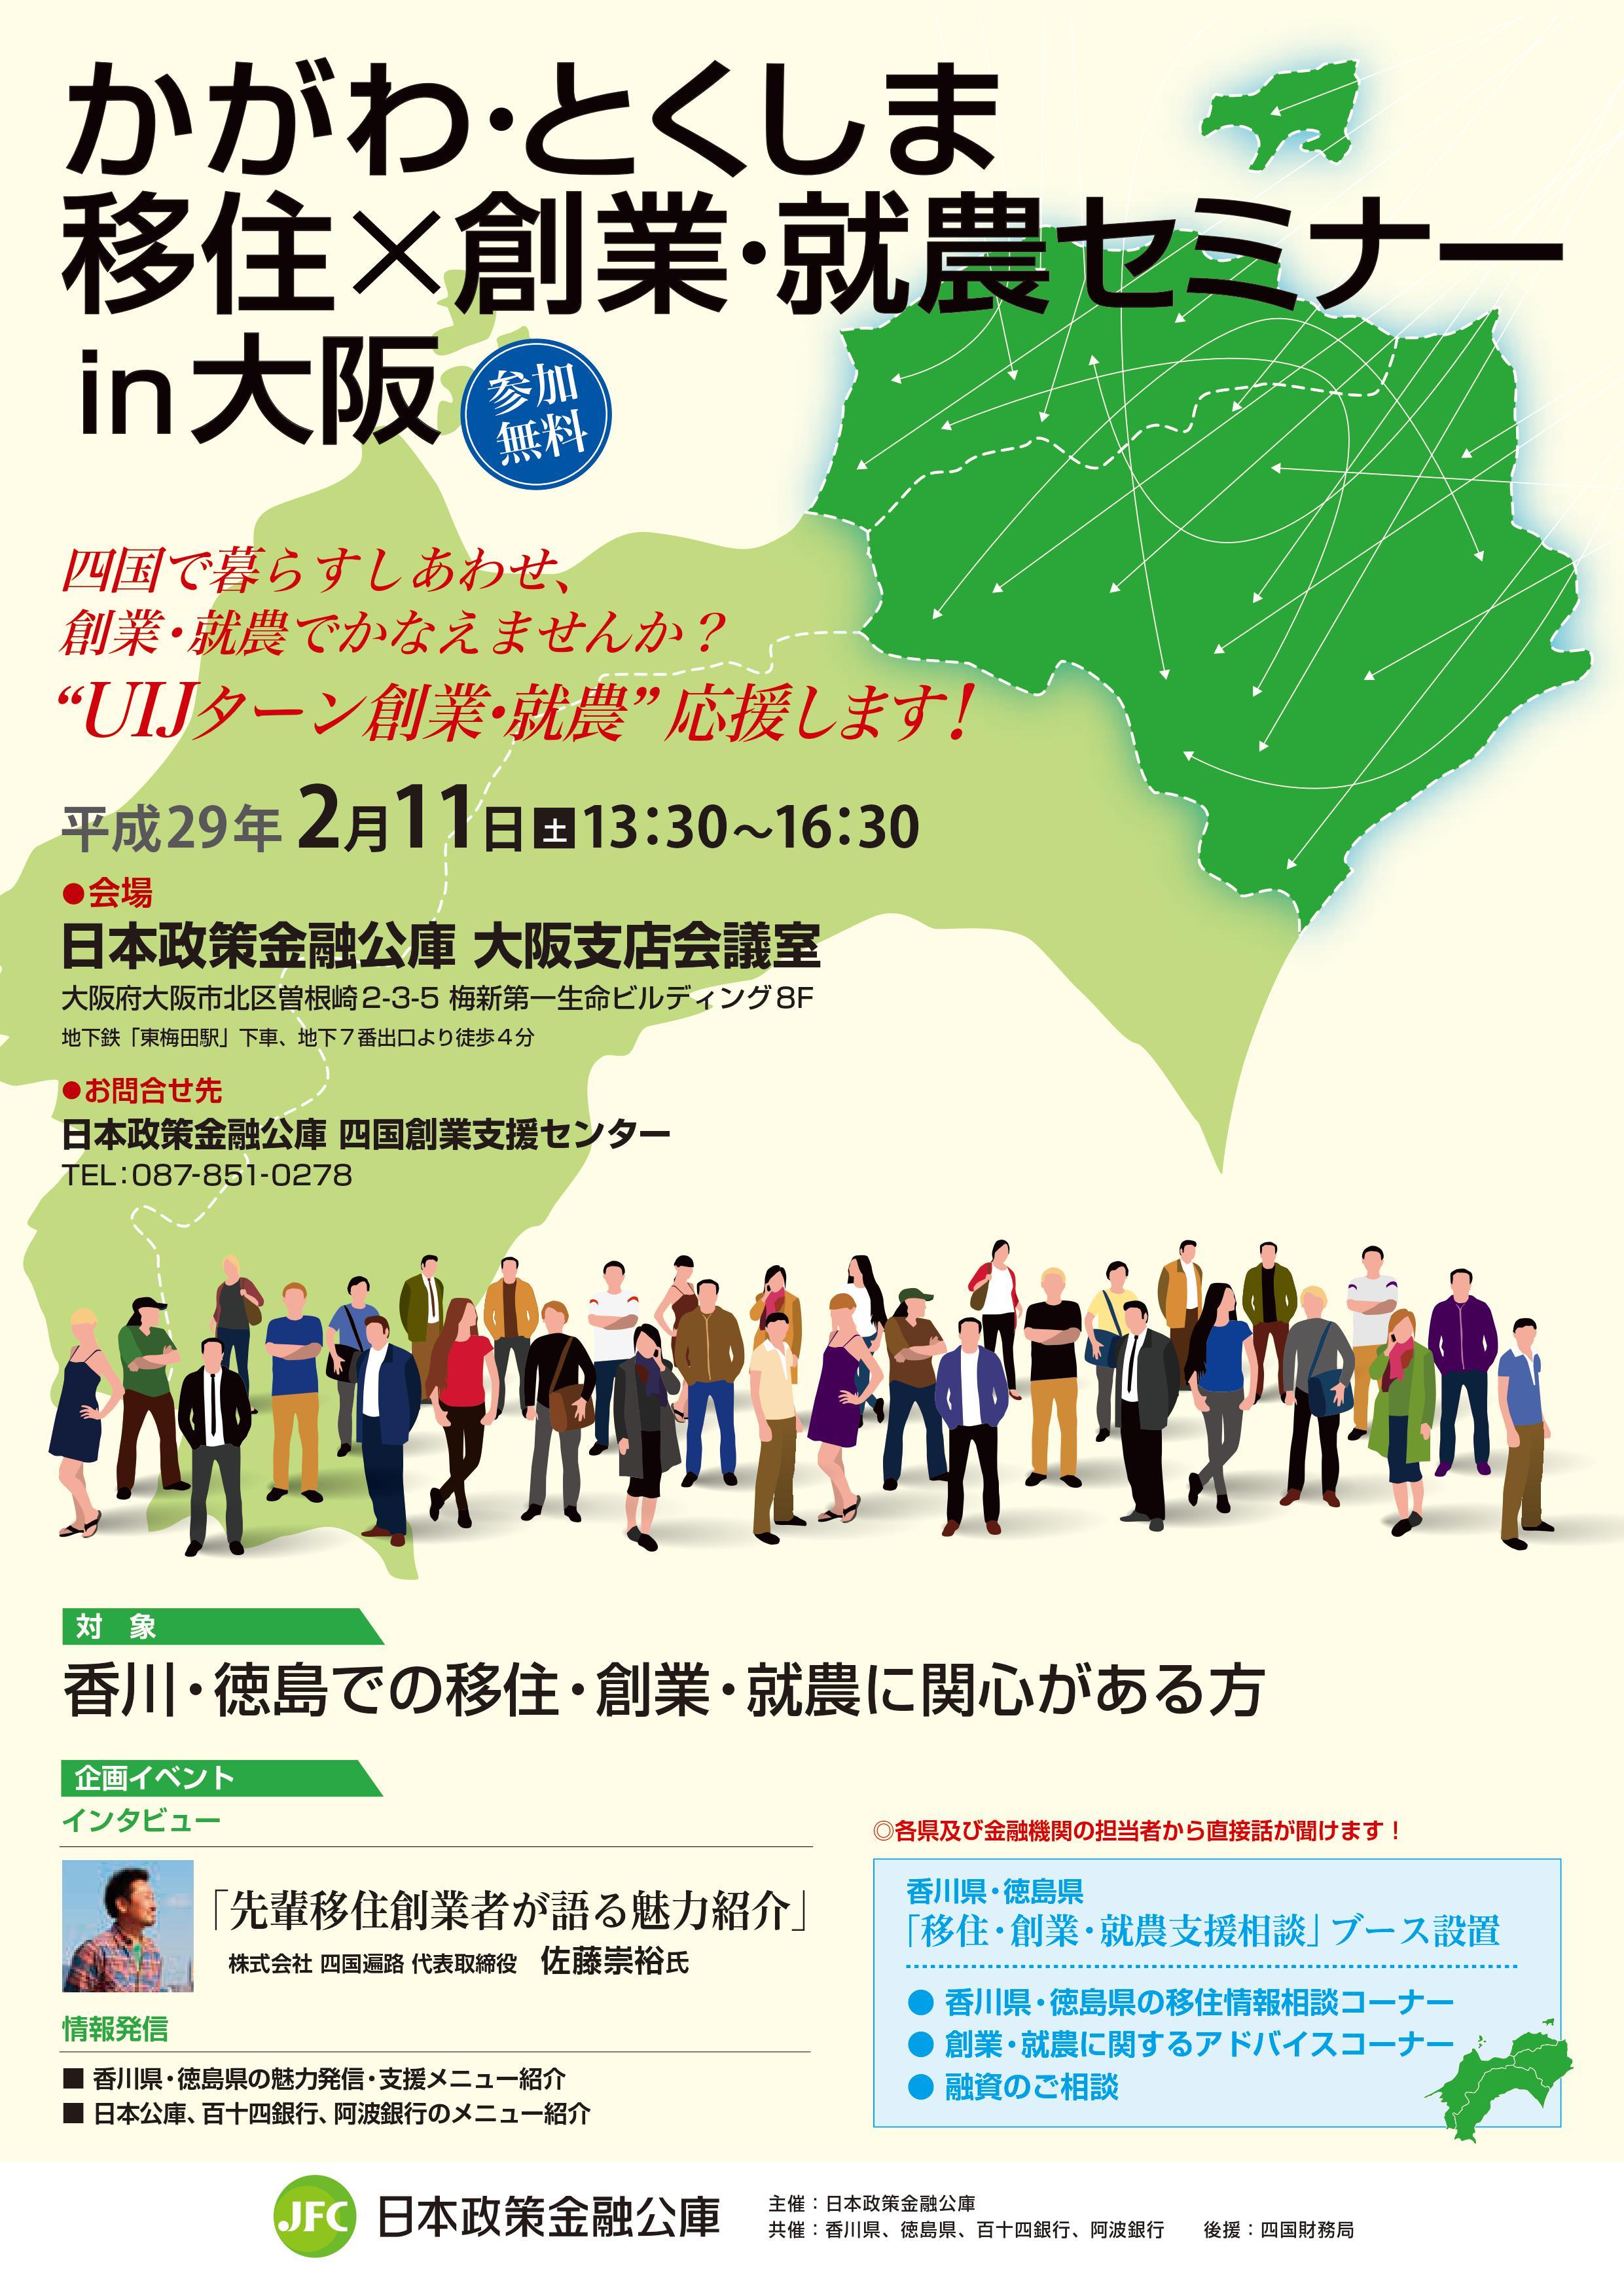 かがわ・とくしま移住×創業・就農セミナーin大阪_1